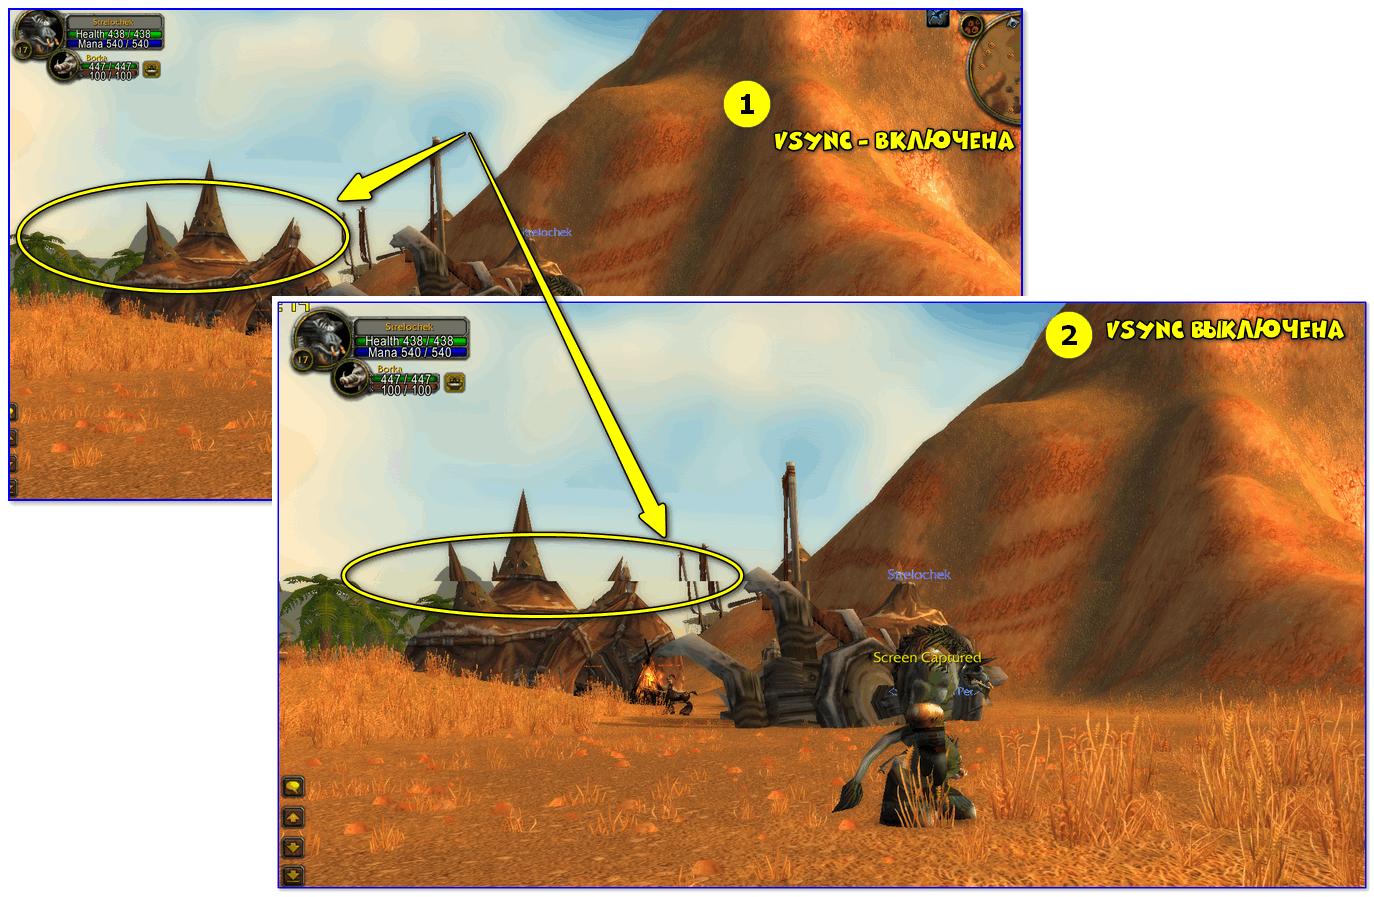 Разница в картинке - с включенной верт. синхронизацией и выключенной